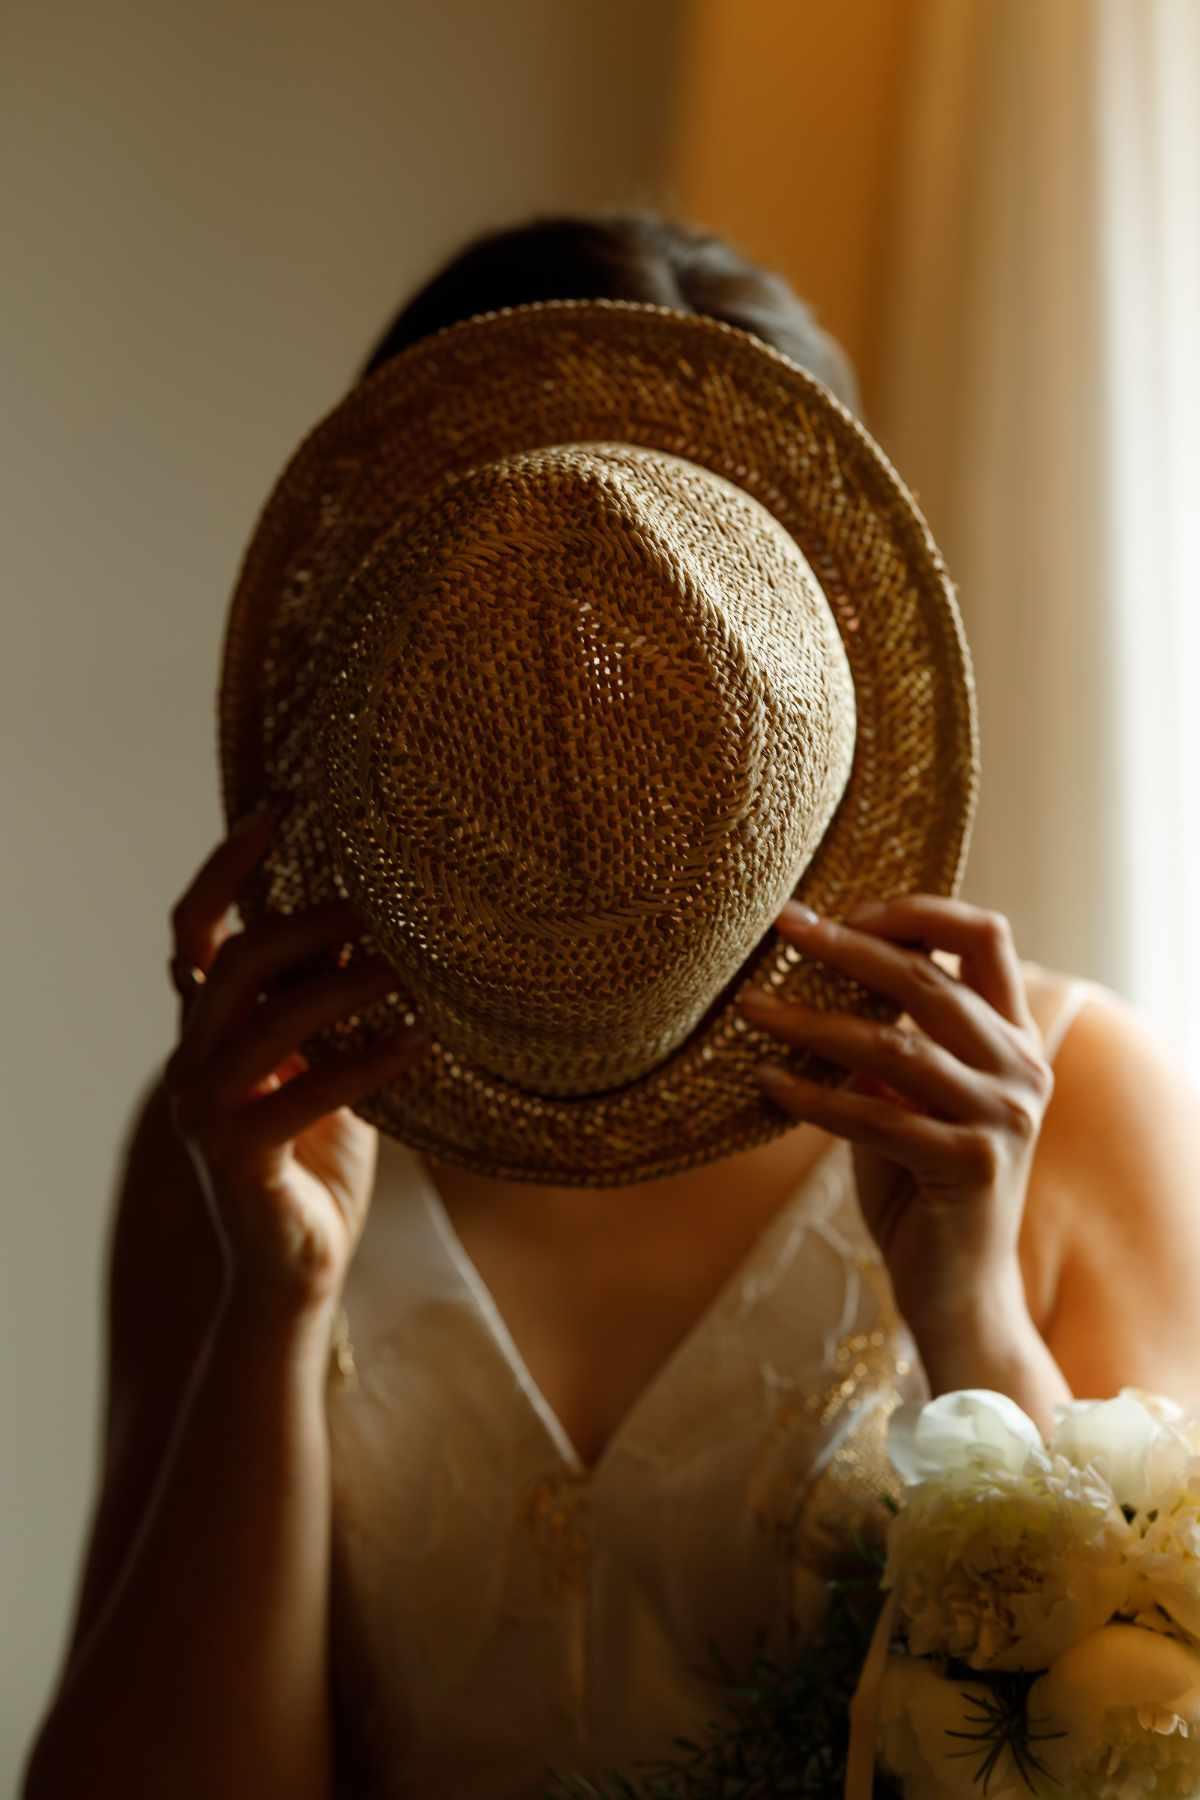 volto dietro un cappello, come vedo io i volti